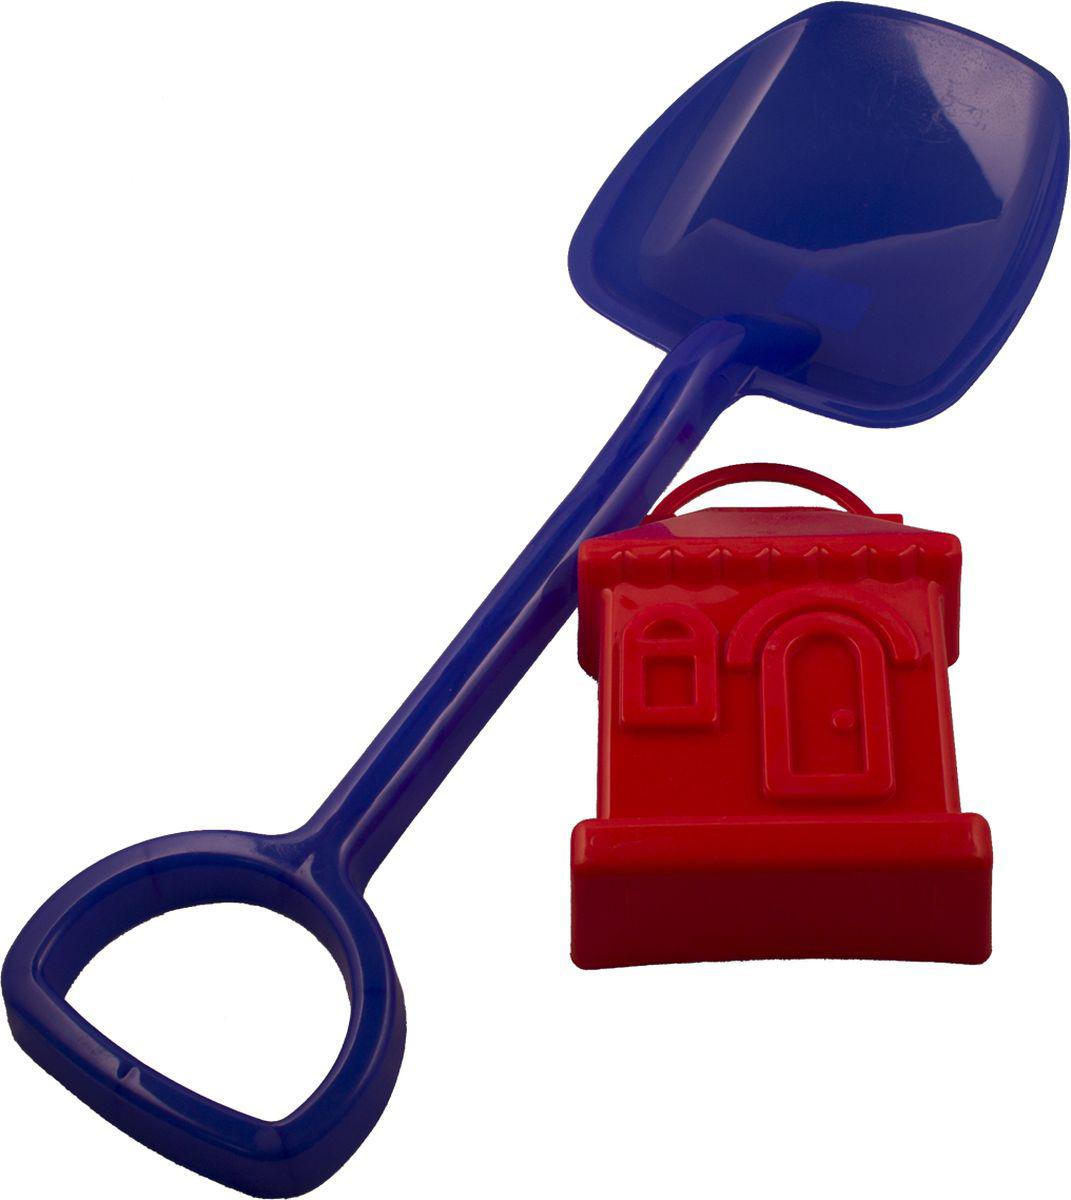 Новокузнецкий завод пластмасс Лопатка 48 см + формочка Домик цвет синий красный